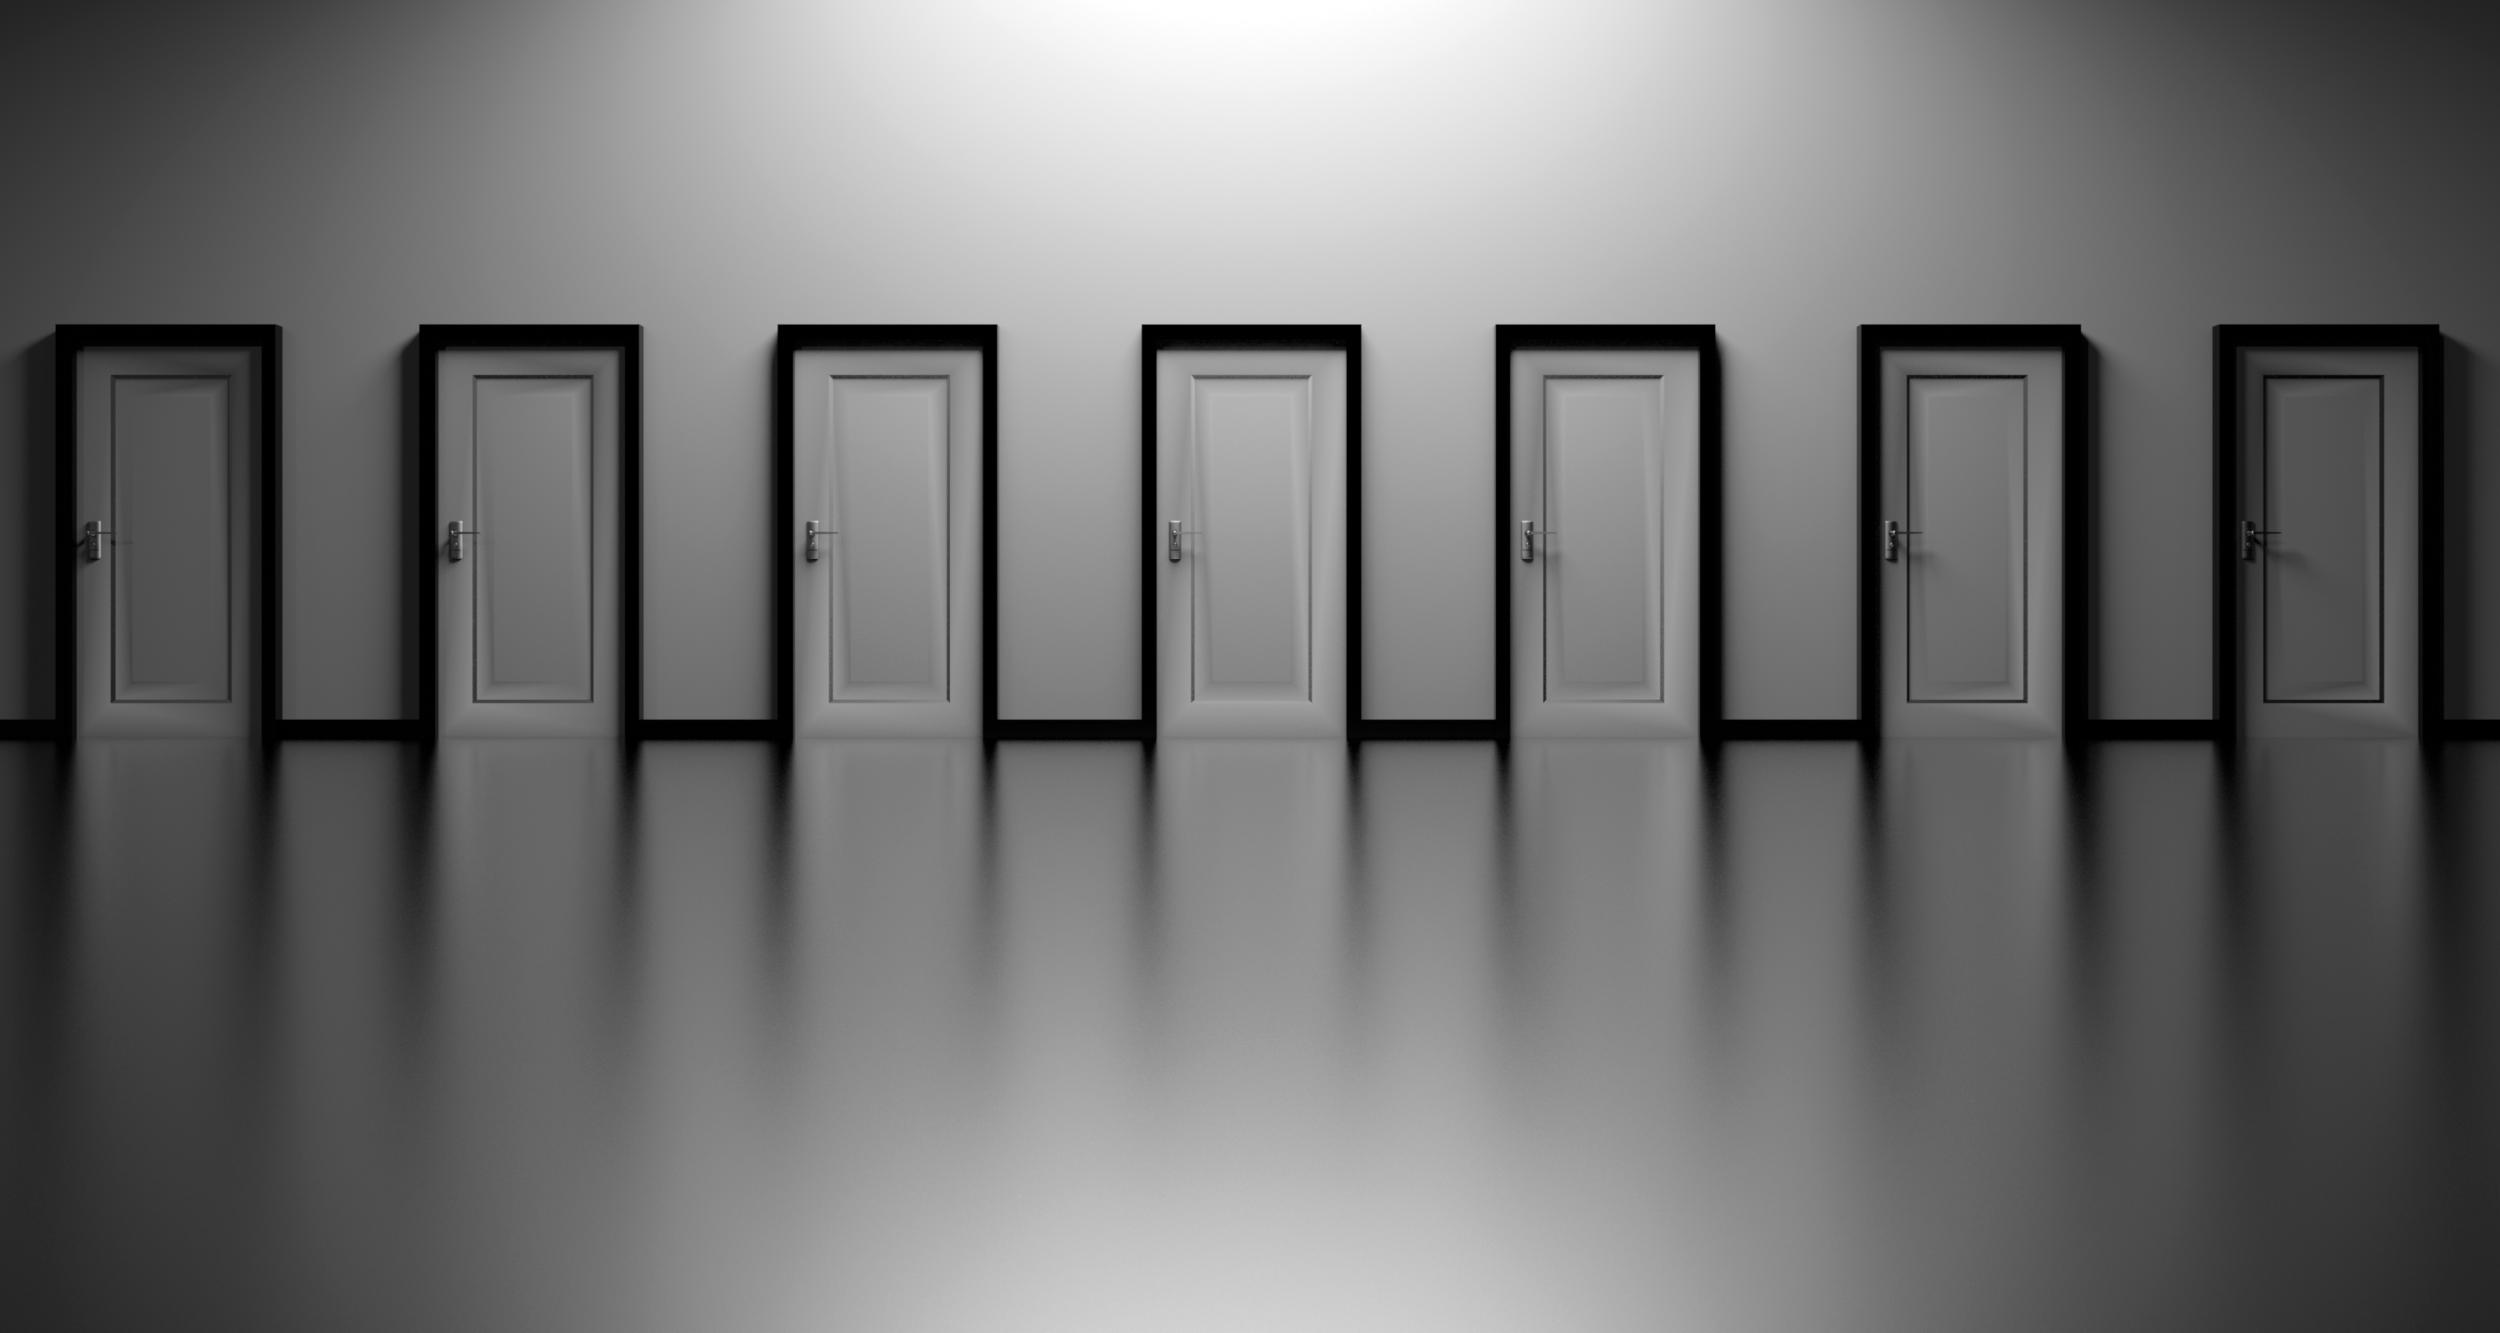 black-and-white-doors-opportunity-277017.jpg